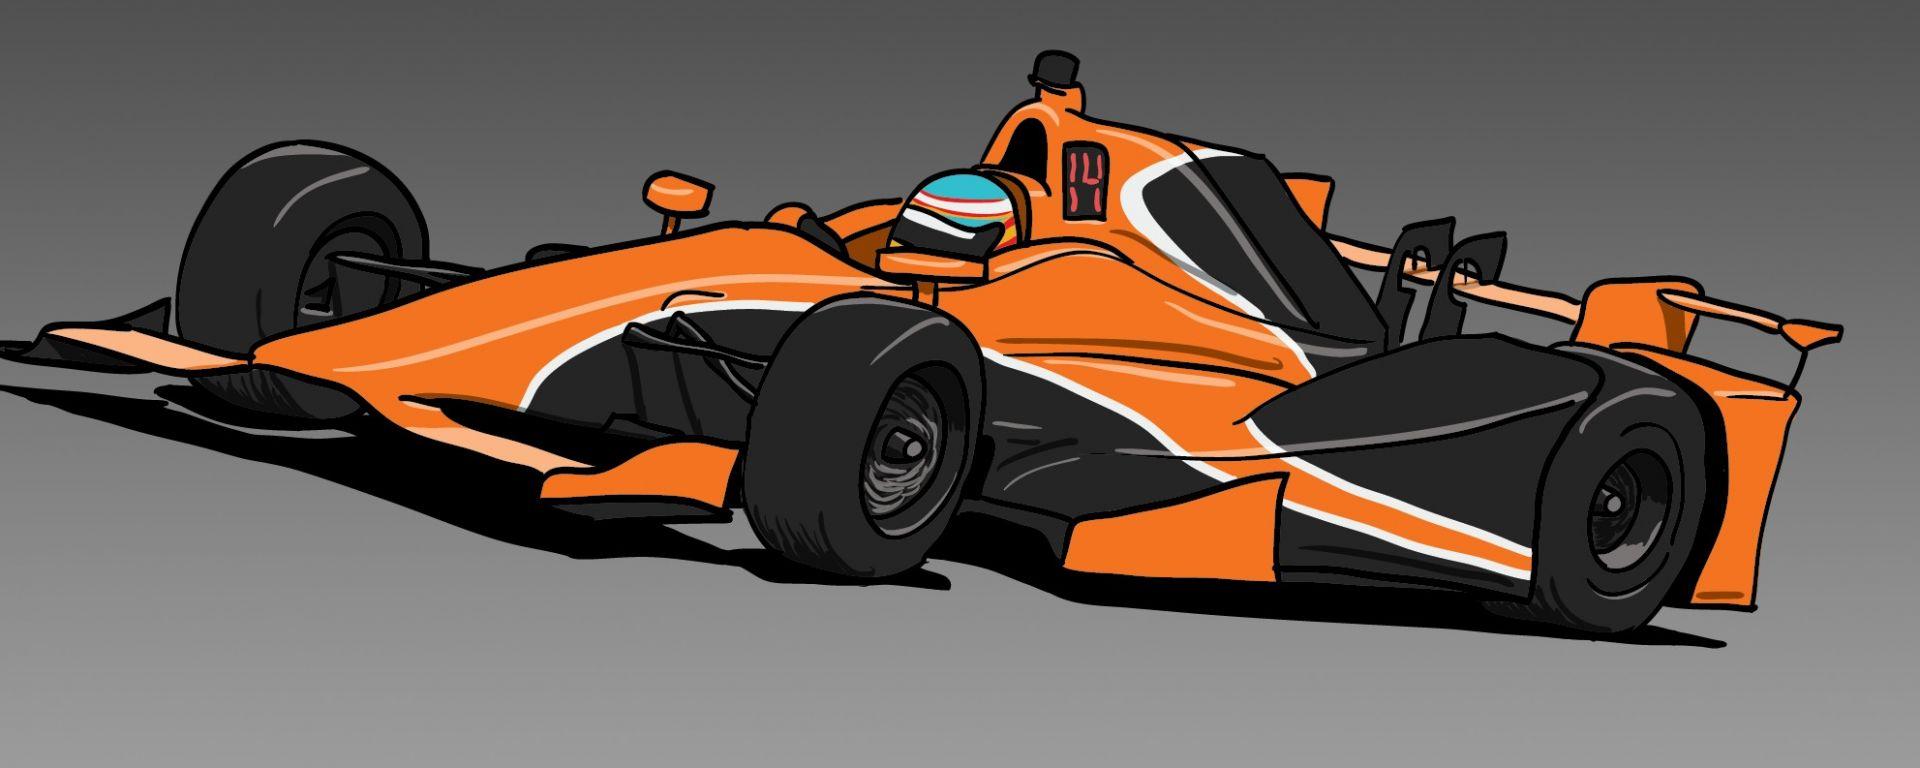 Altri test per Alonso in Indycar con la monoposto di Andretti